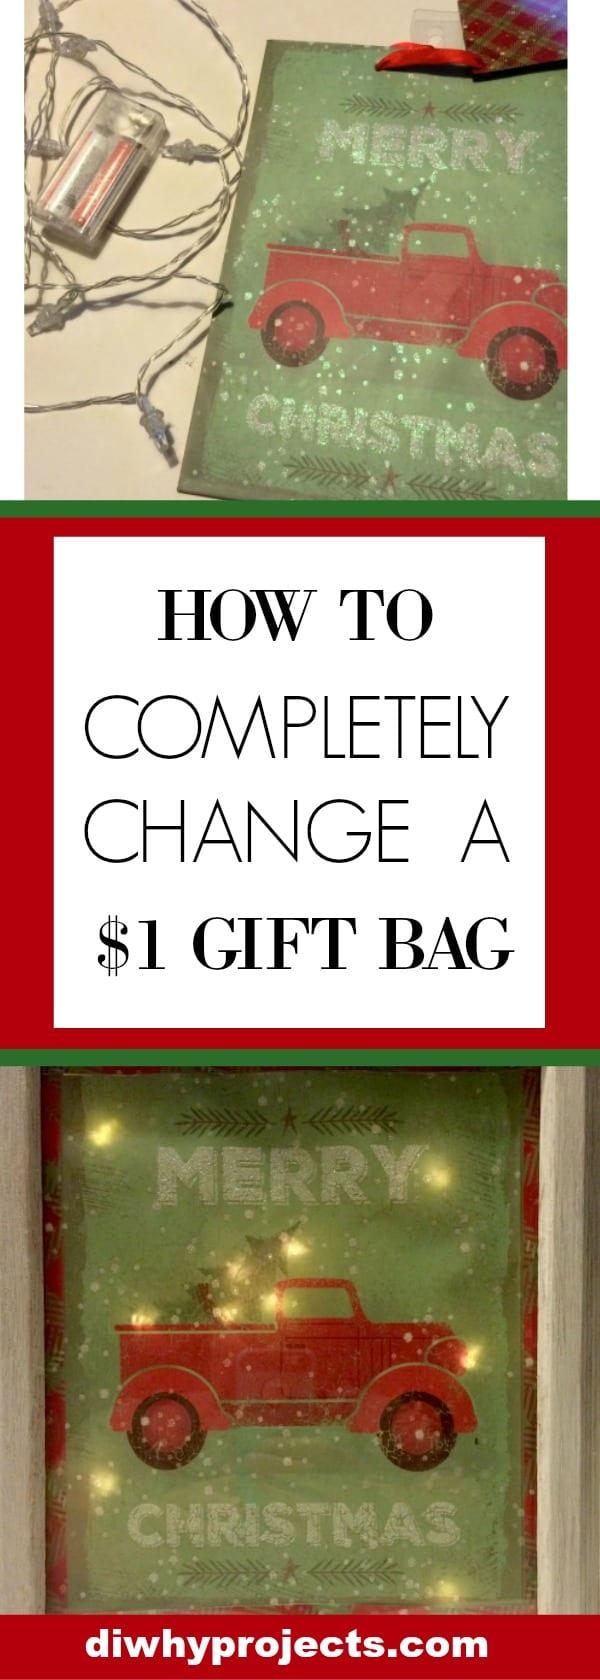 Change $1 Christmas Bag to Light Up Sign